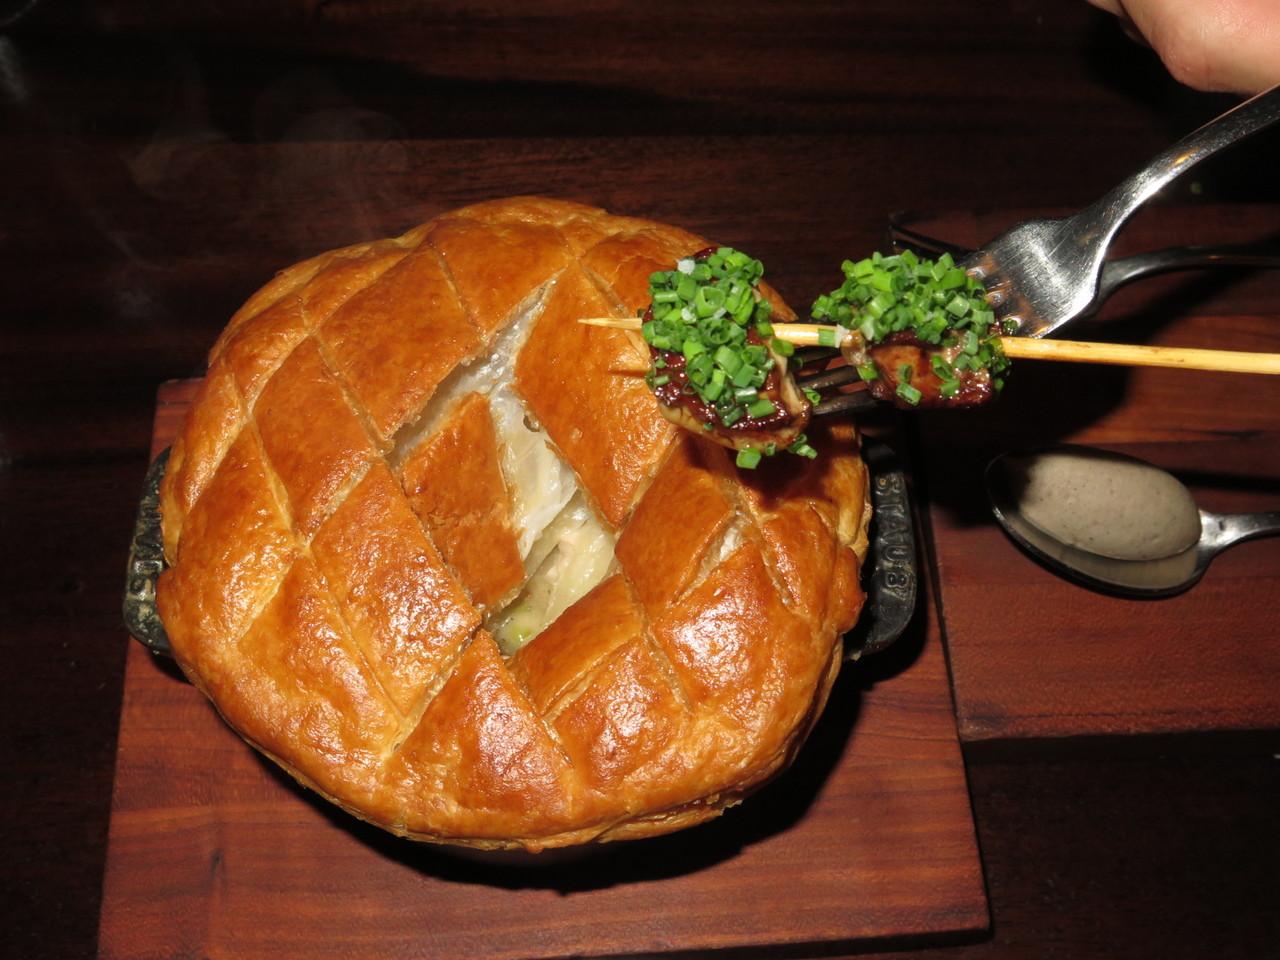 Depois, coloca-se o foie gras, coberto de cebolinho